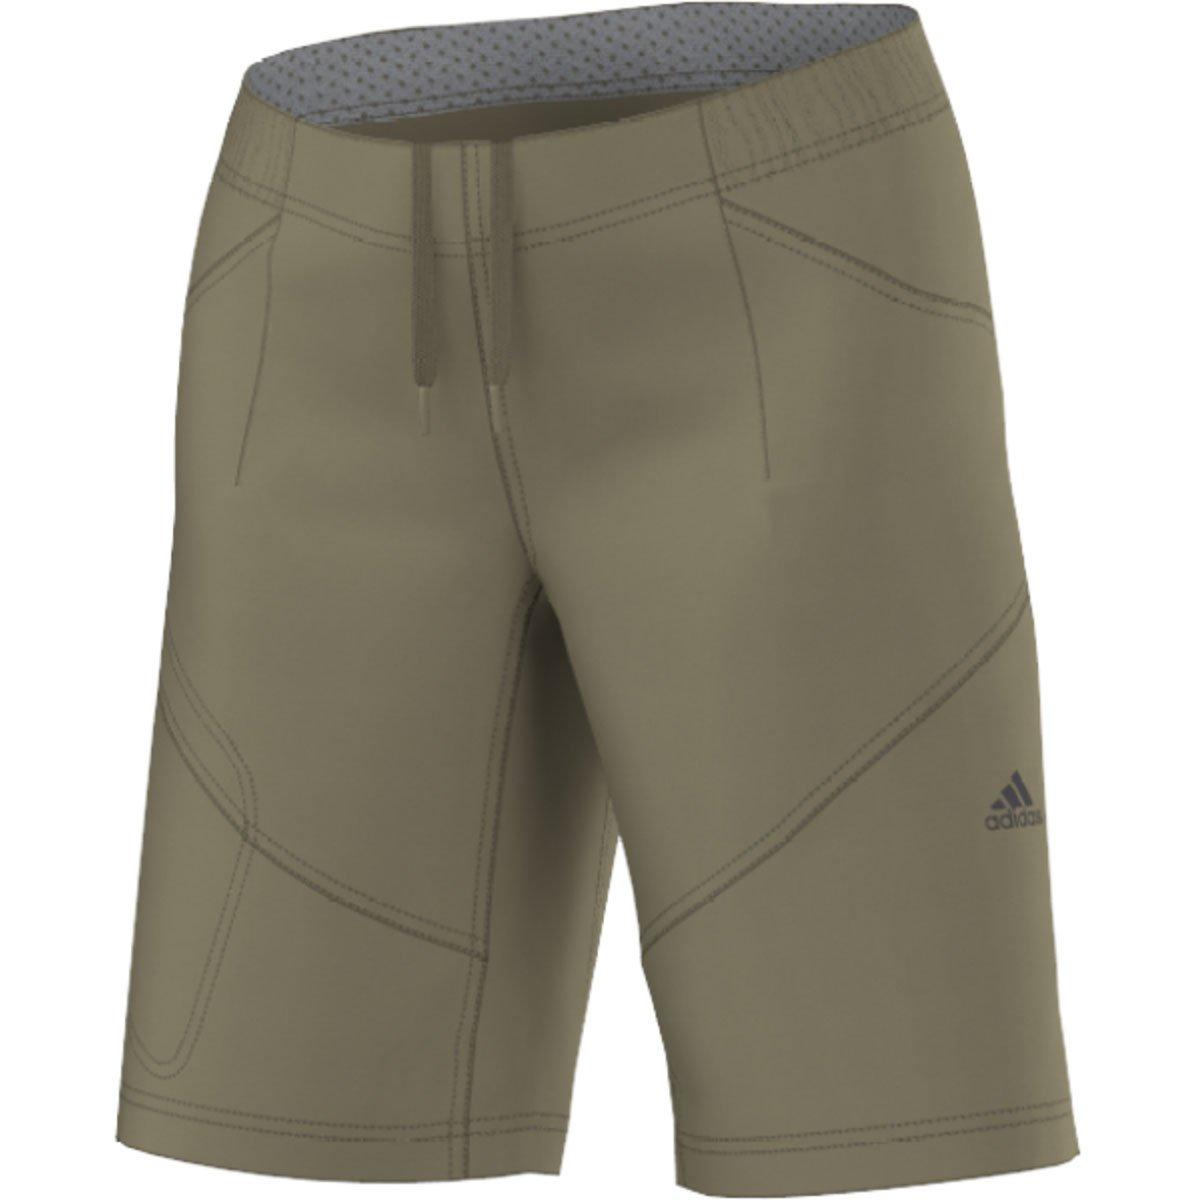 Adidas HT New Short - Women's